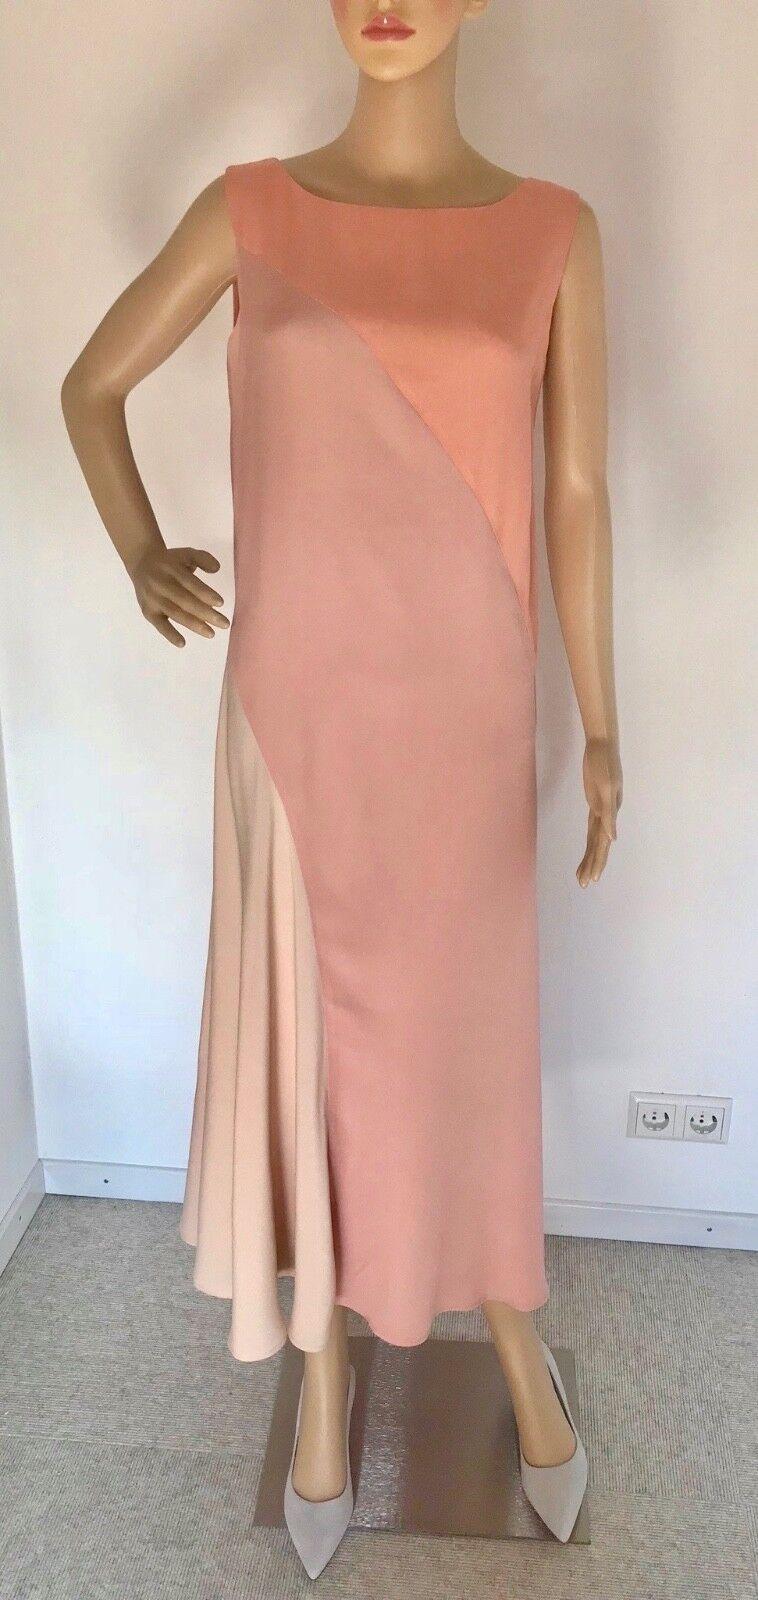 ESCADA Maxi Kleid Festkleid Seidig asymmetrisch Gr. 36 Neu